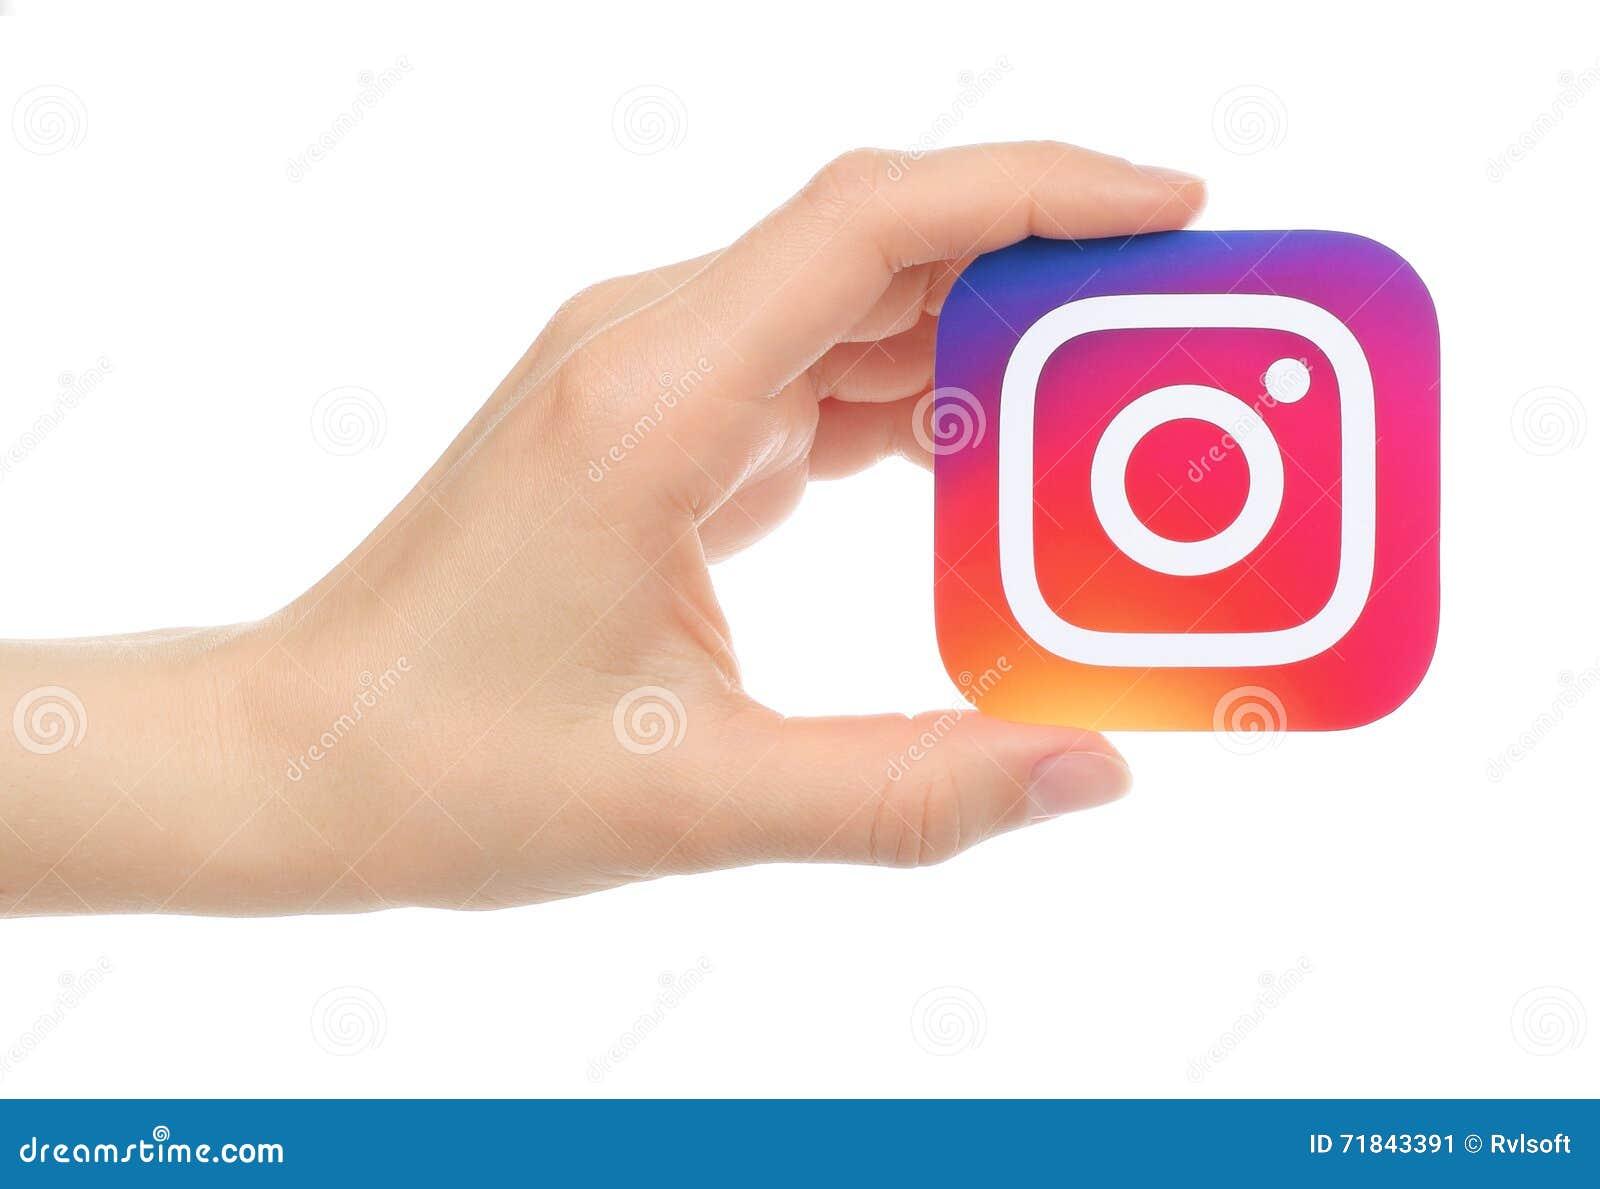 Рука держит новый логотип Instagram напечатанный на бумаге